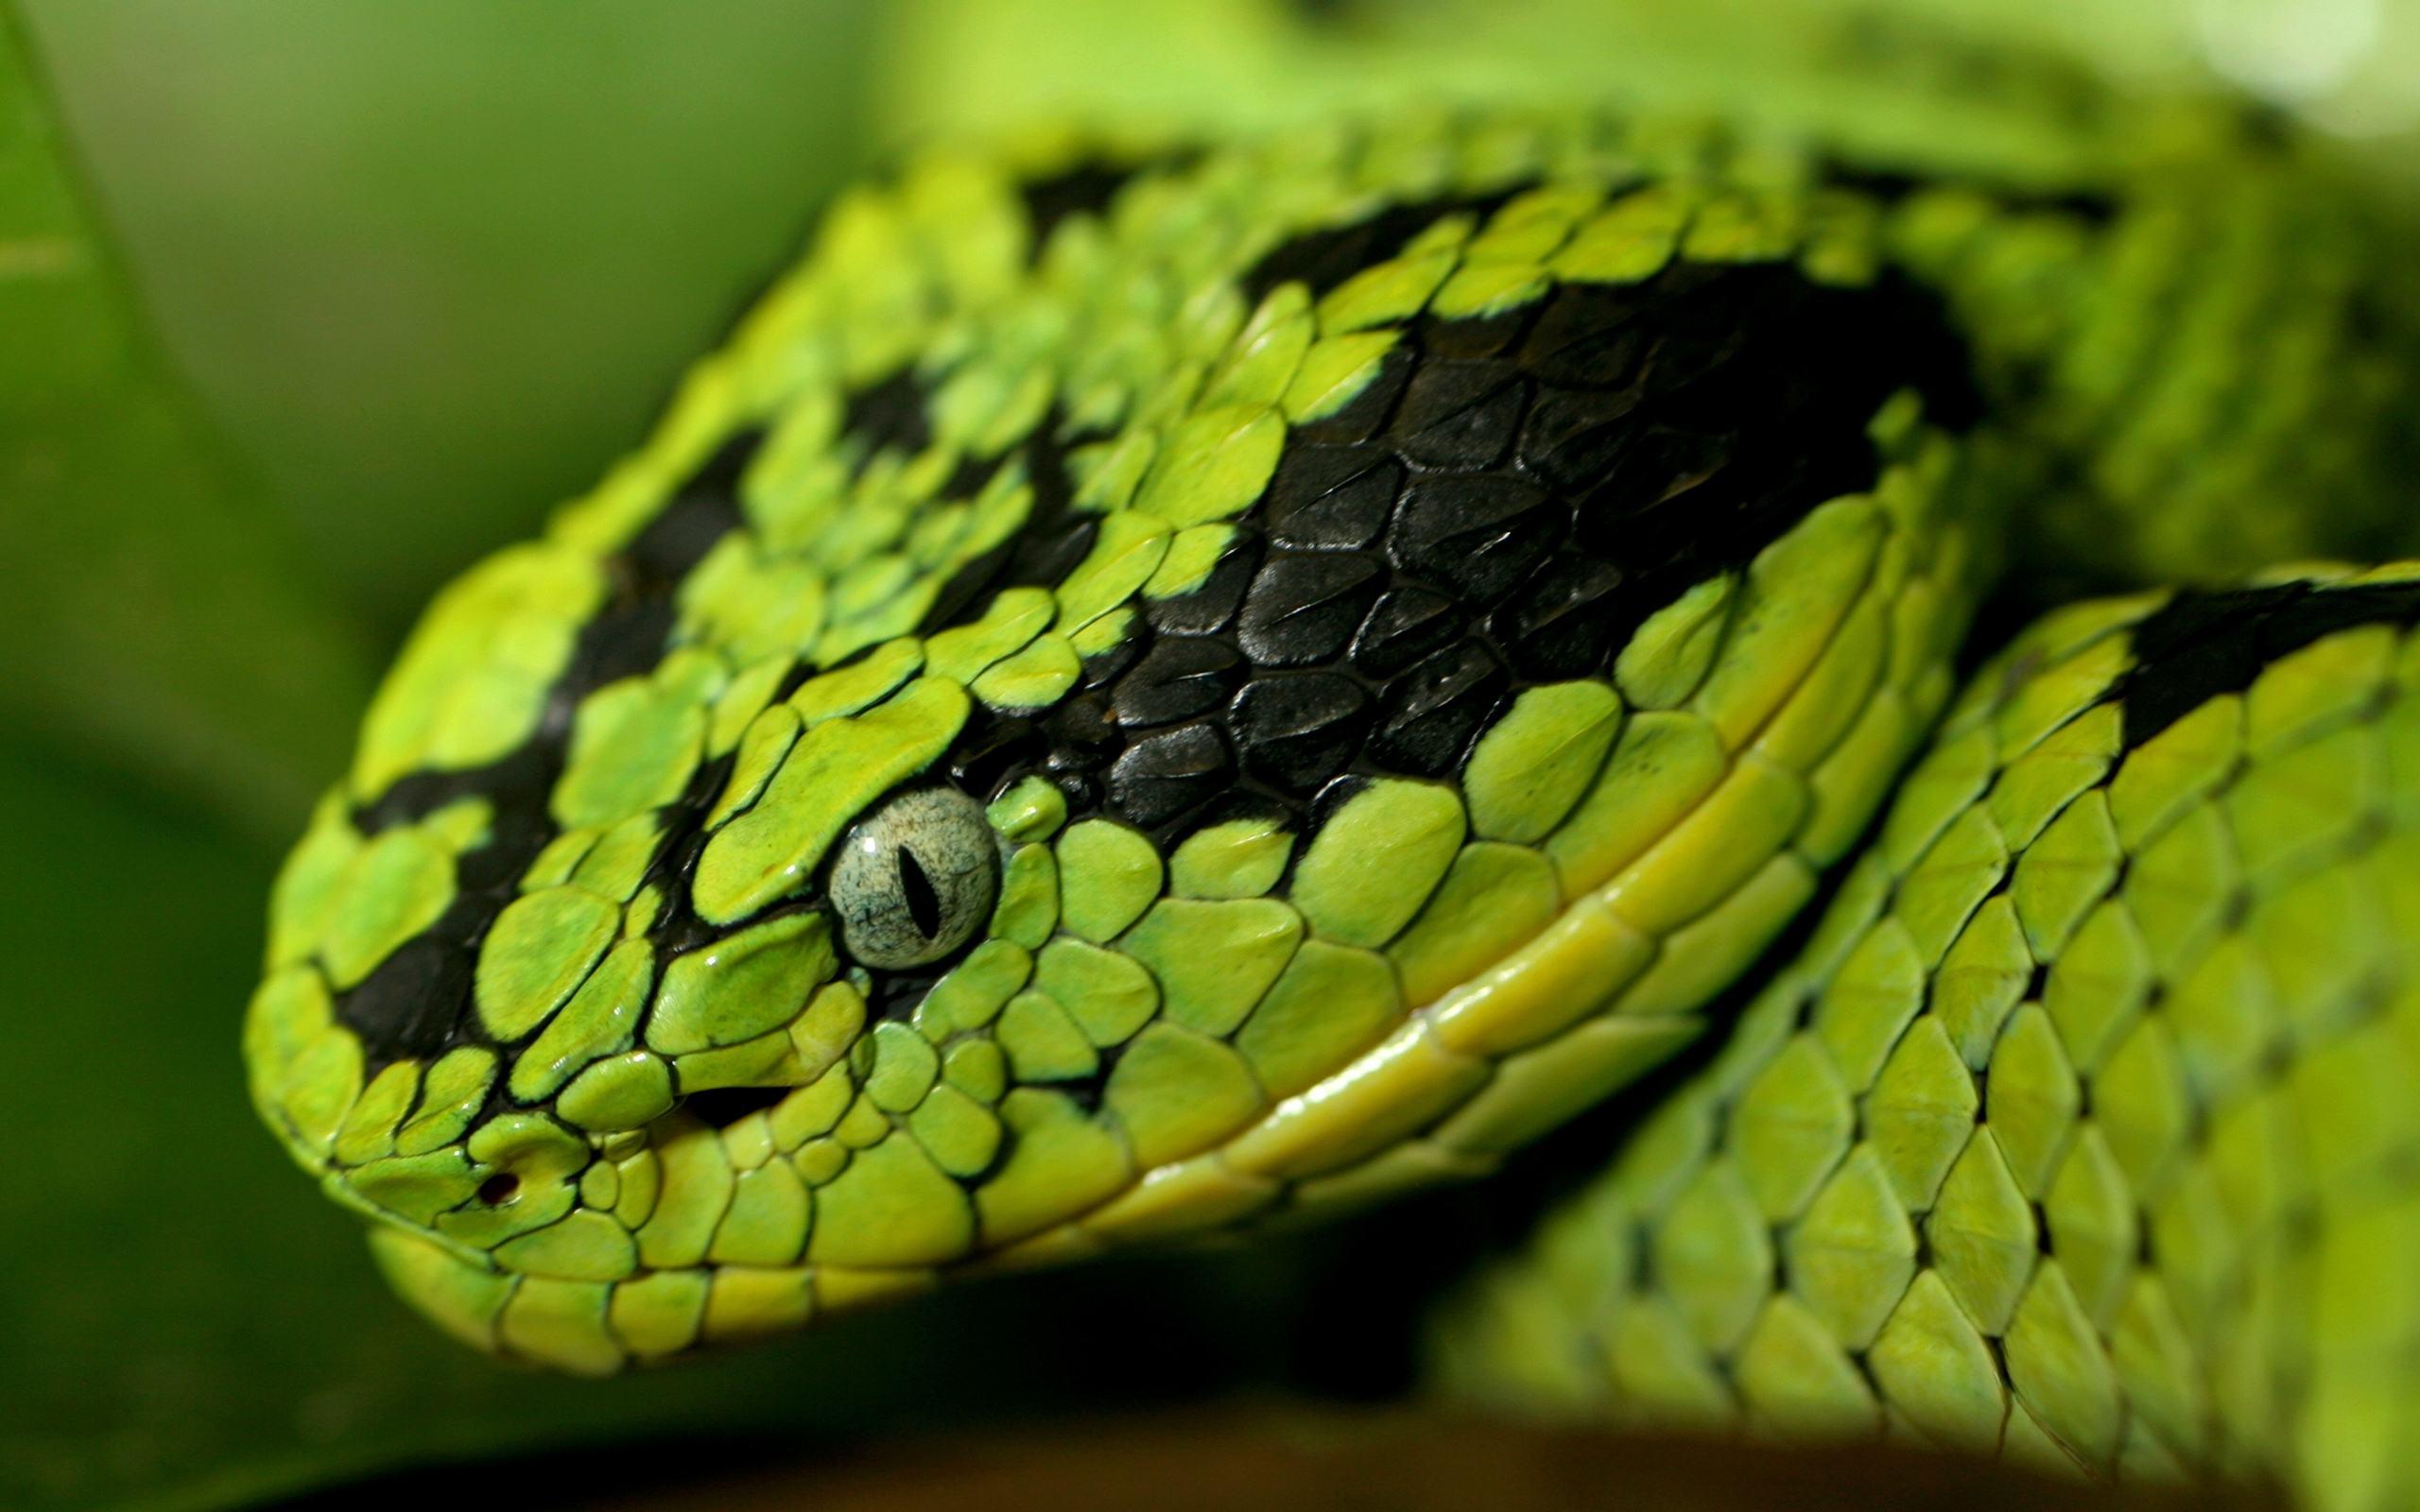 шутки картинки змей для рабочего стола на весь экран подарок всем